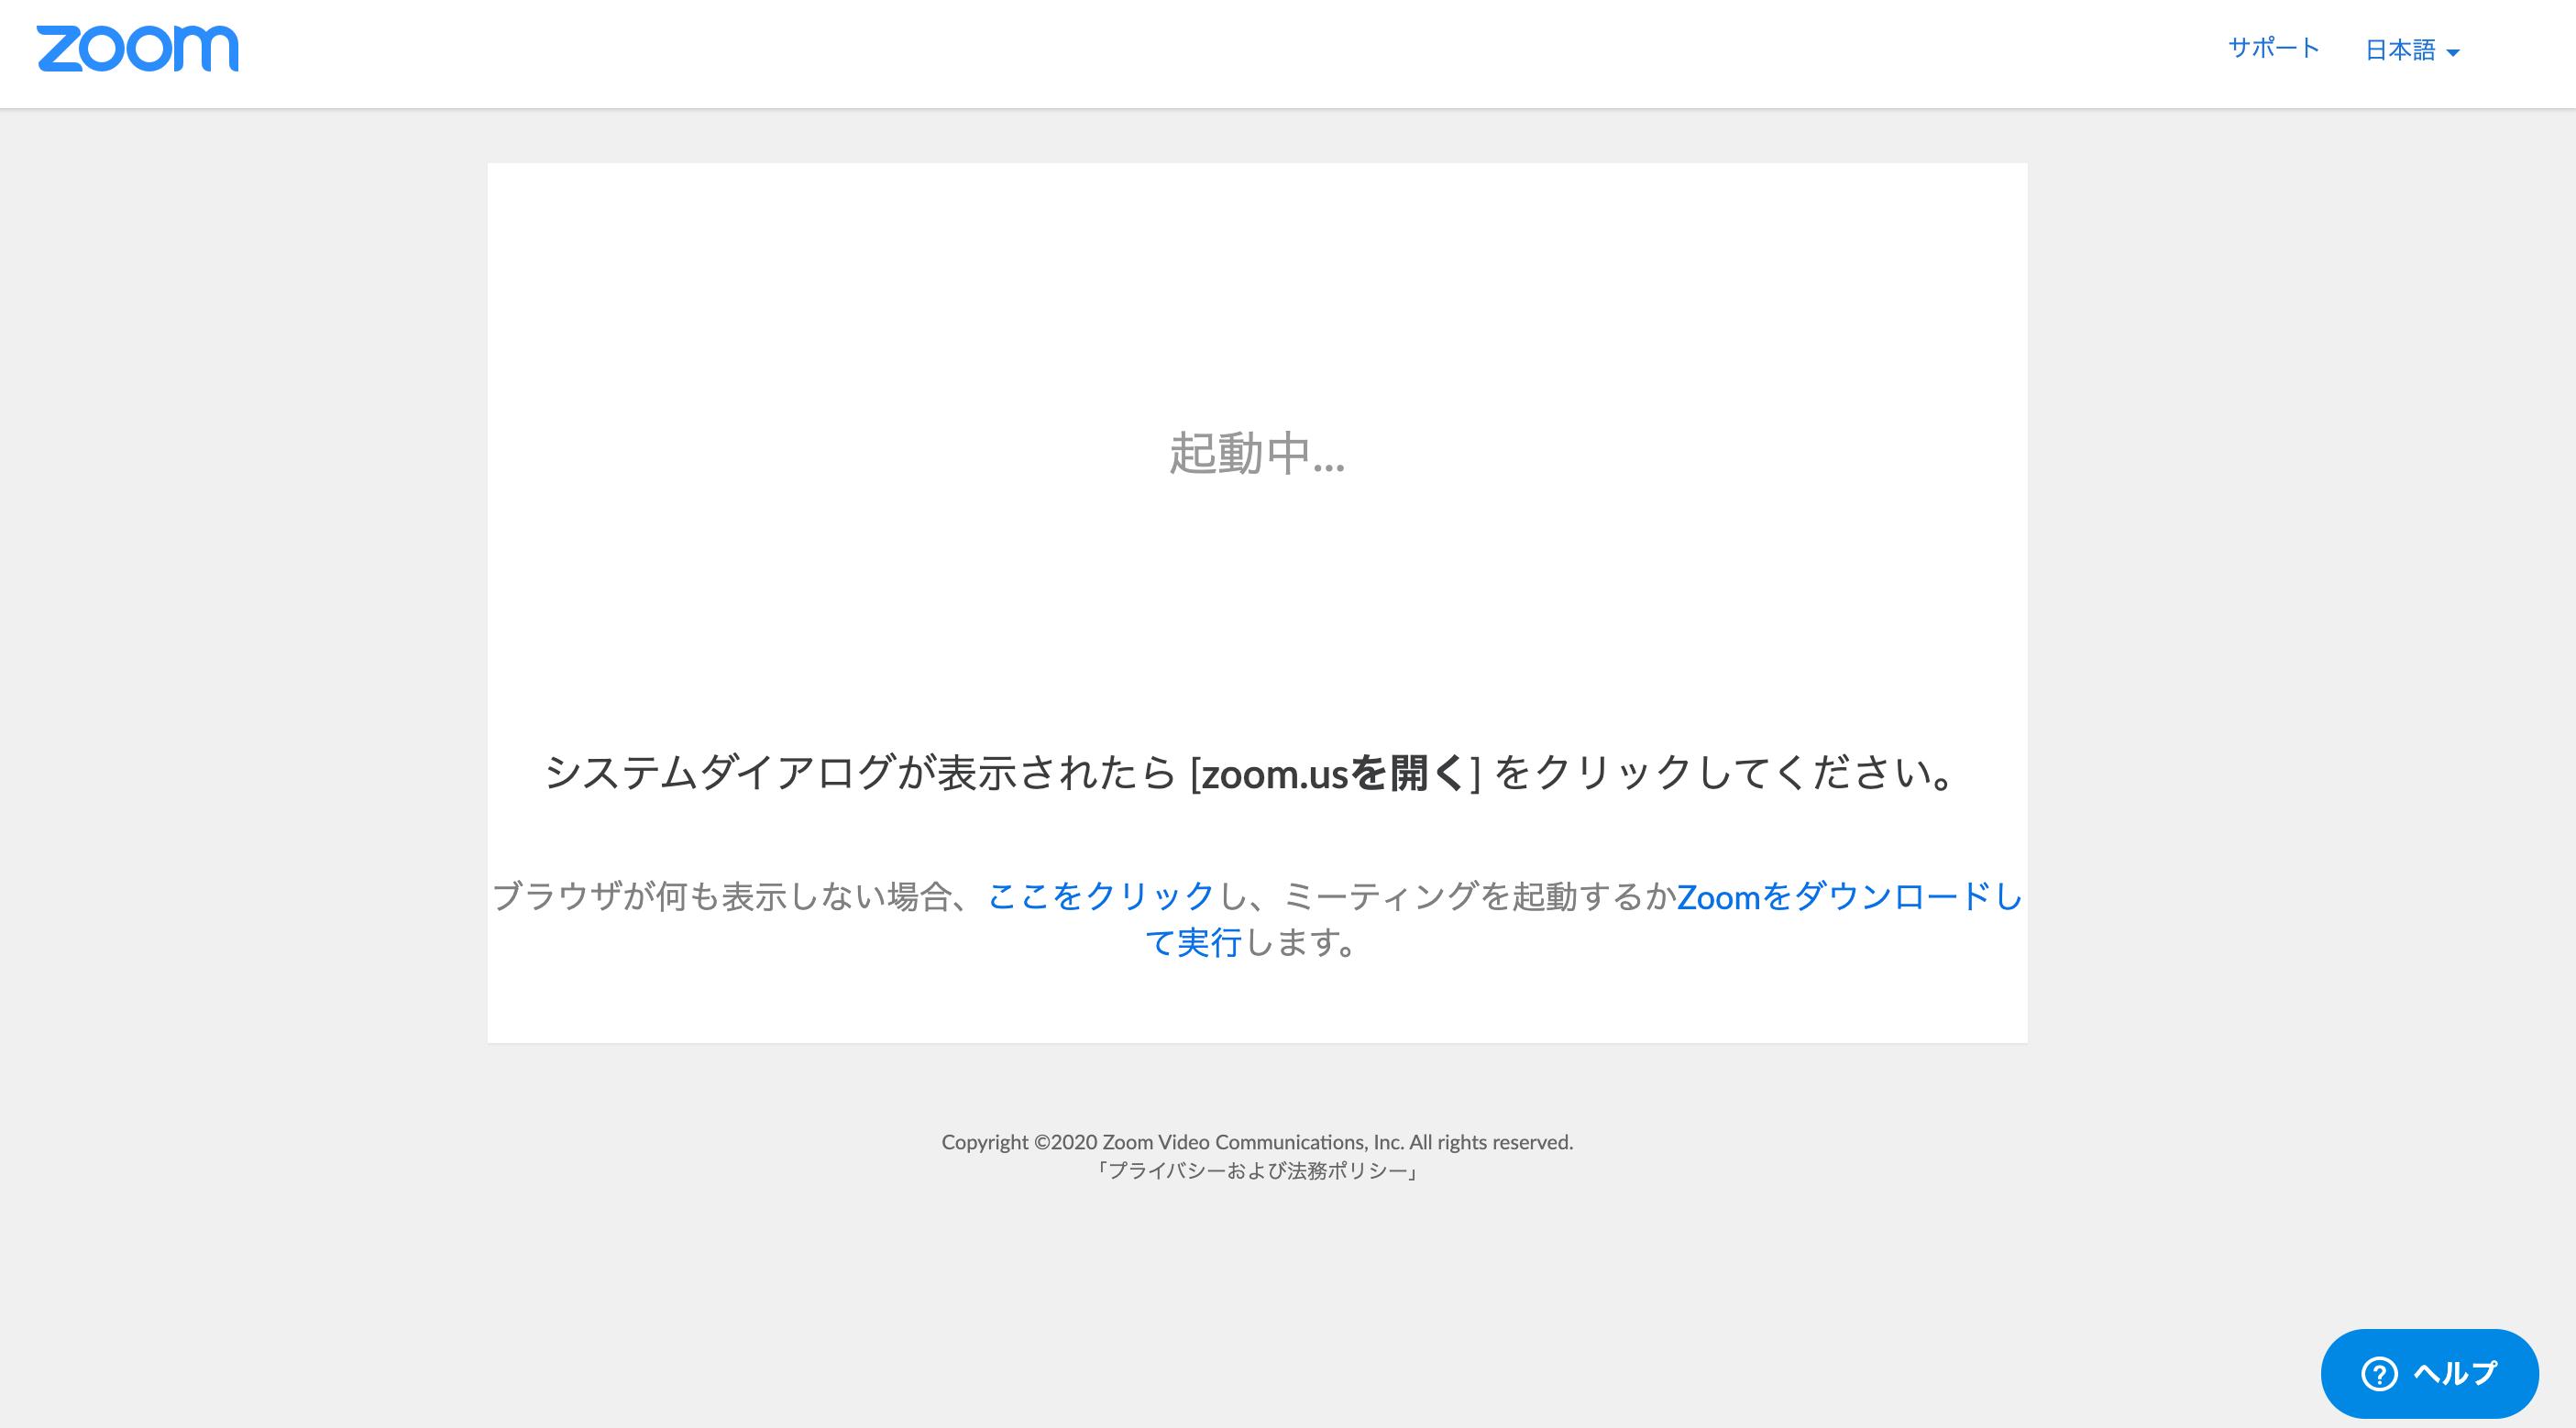 スクリーンショット 2020-04-20 11.56.00